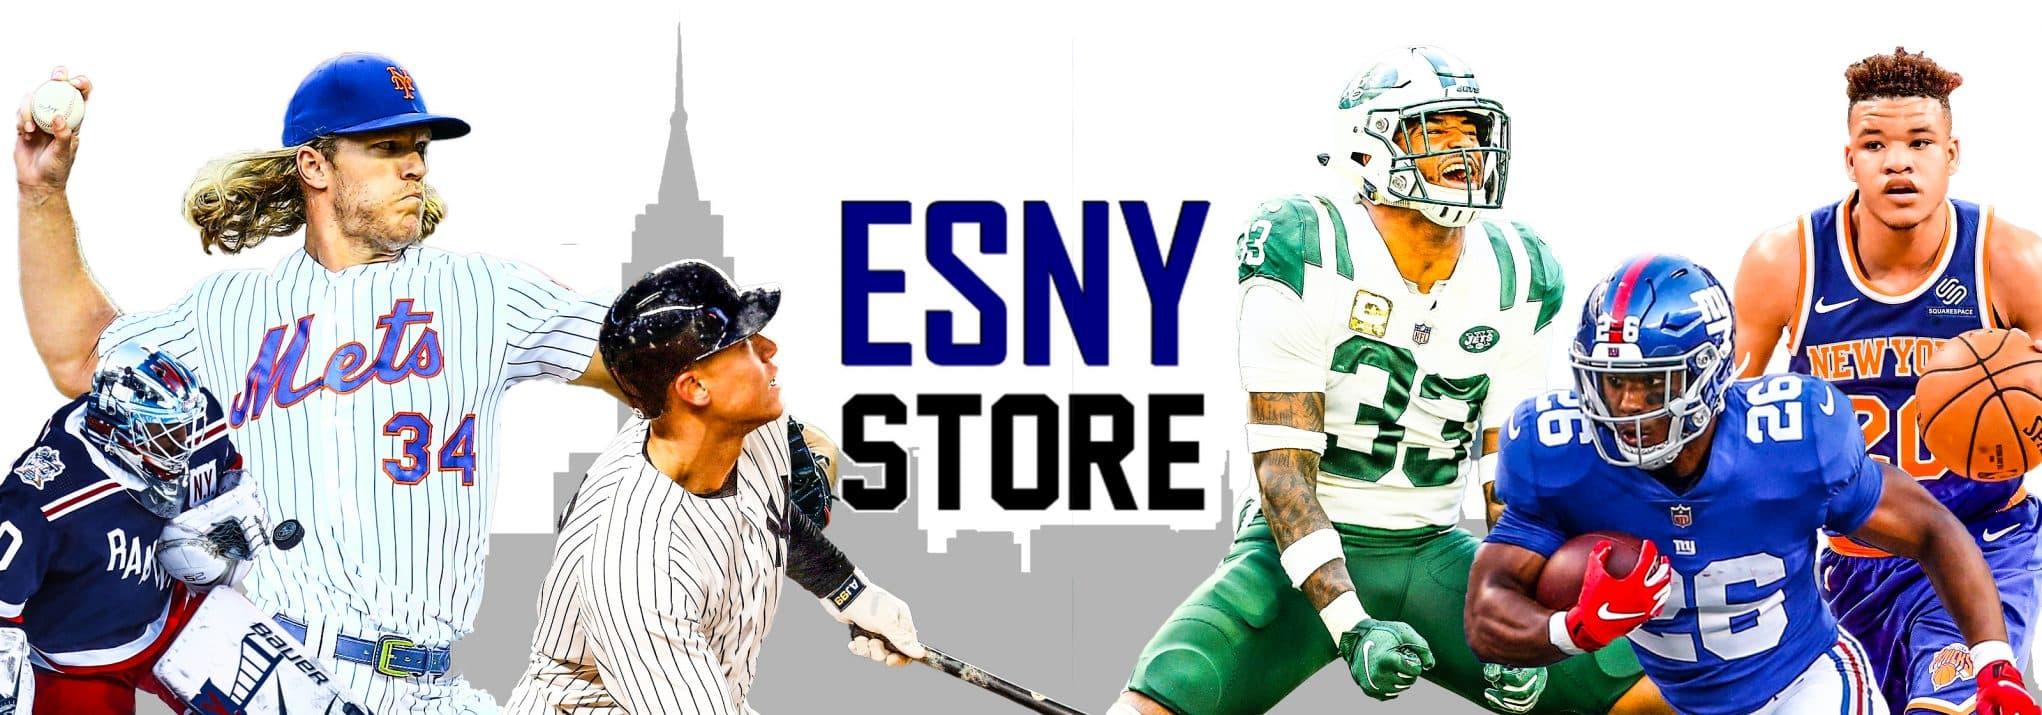 ESNY Store